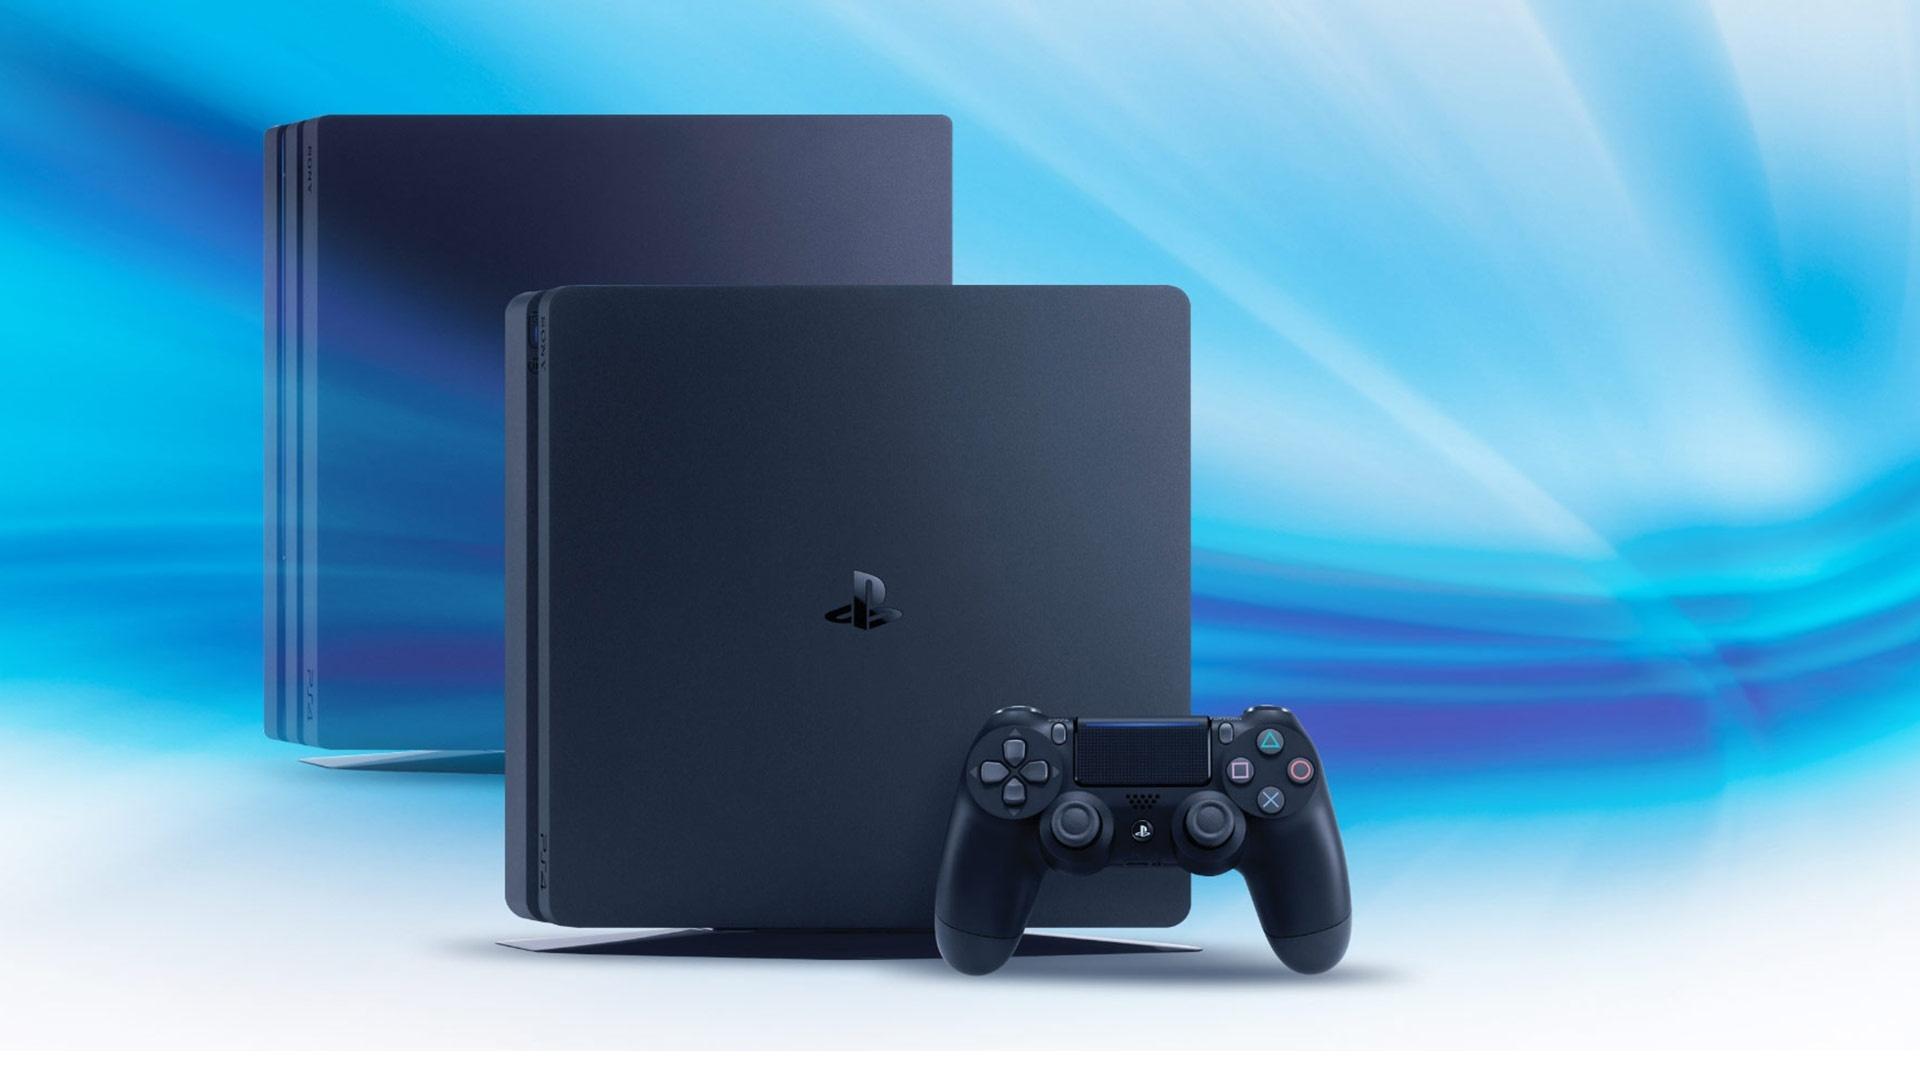 PS4 Slim Model 2017